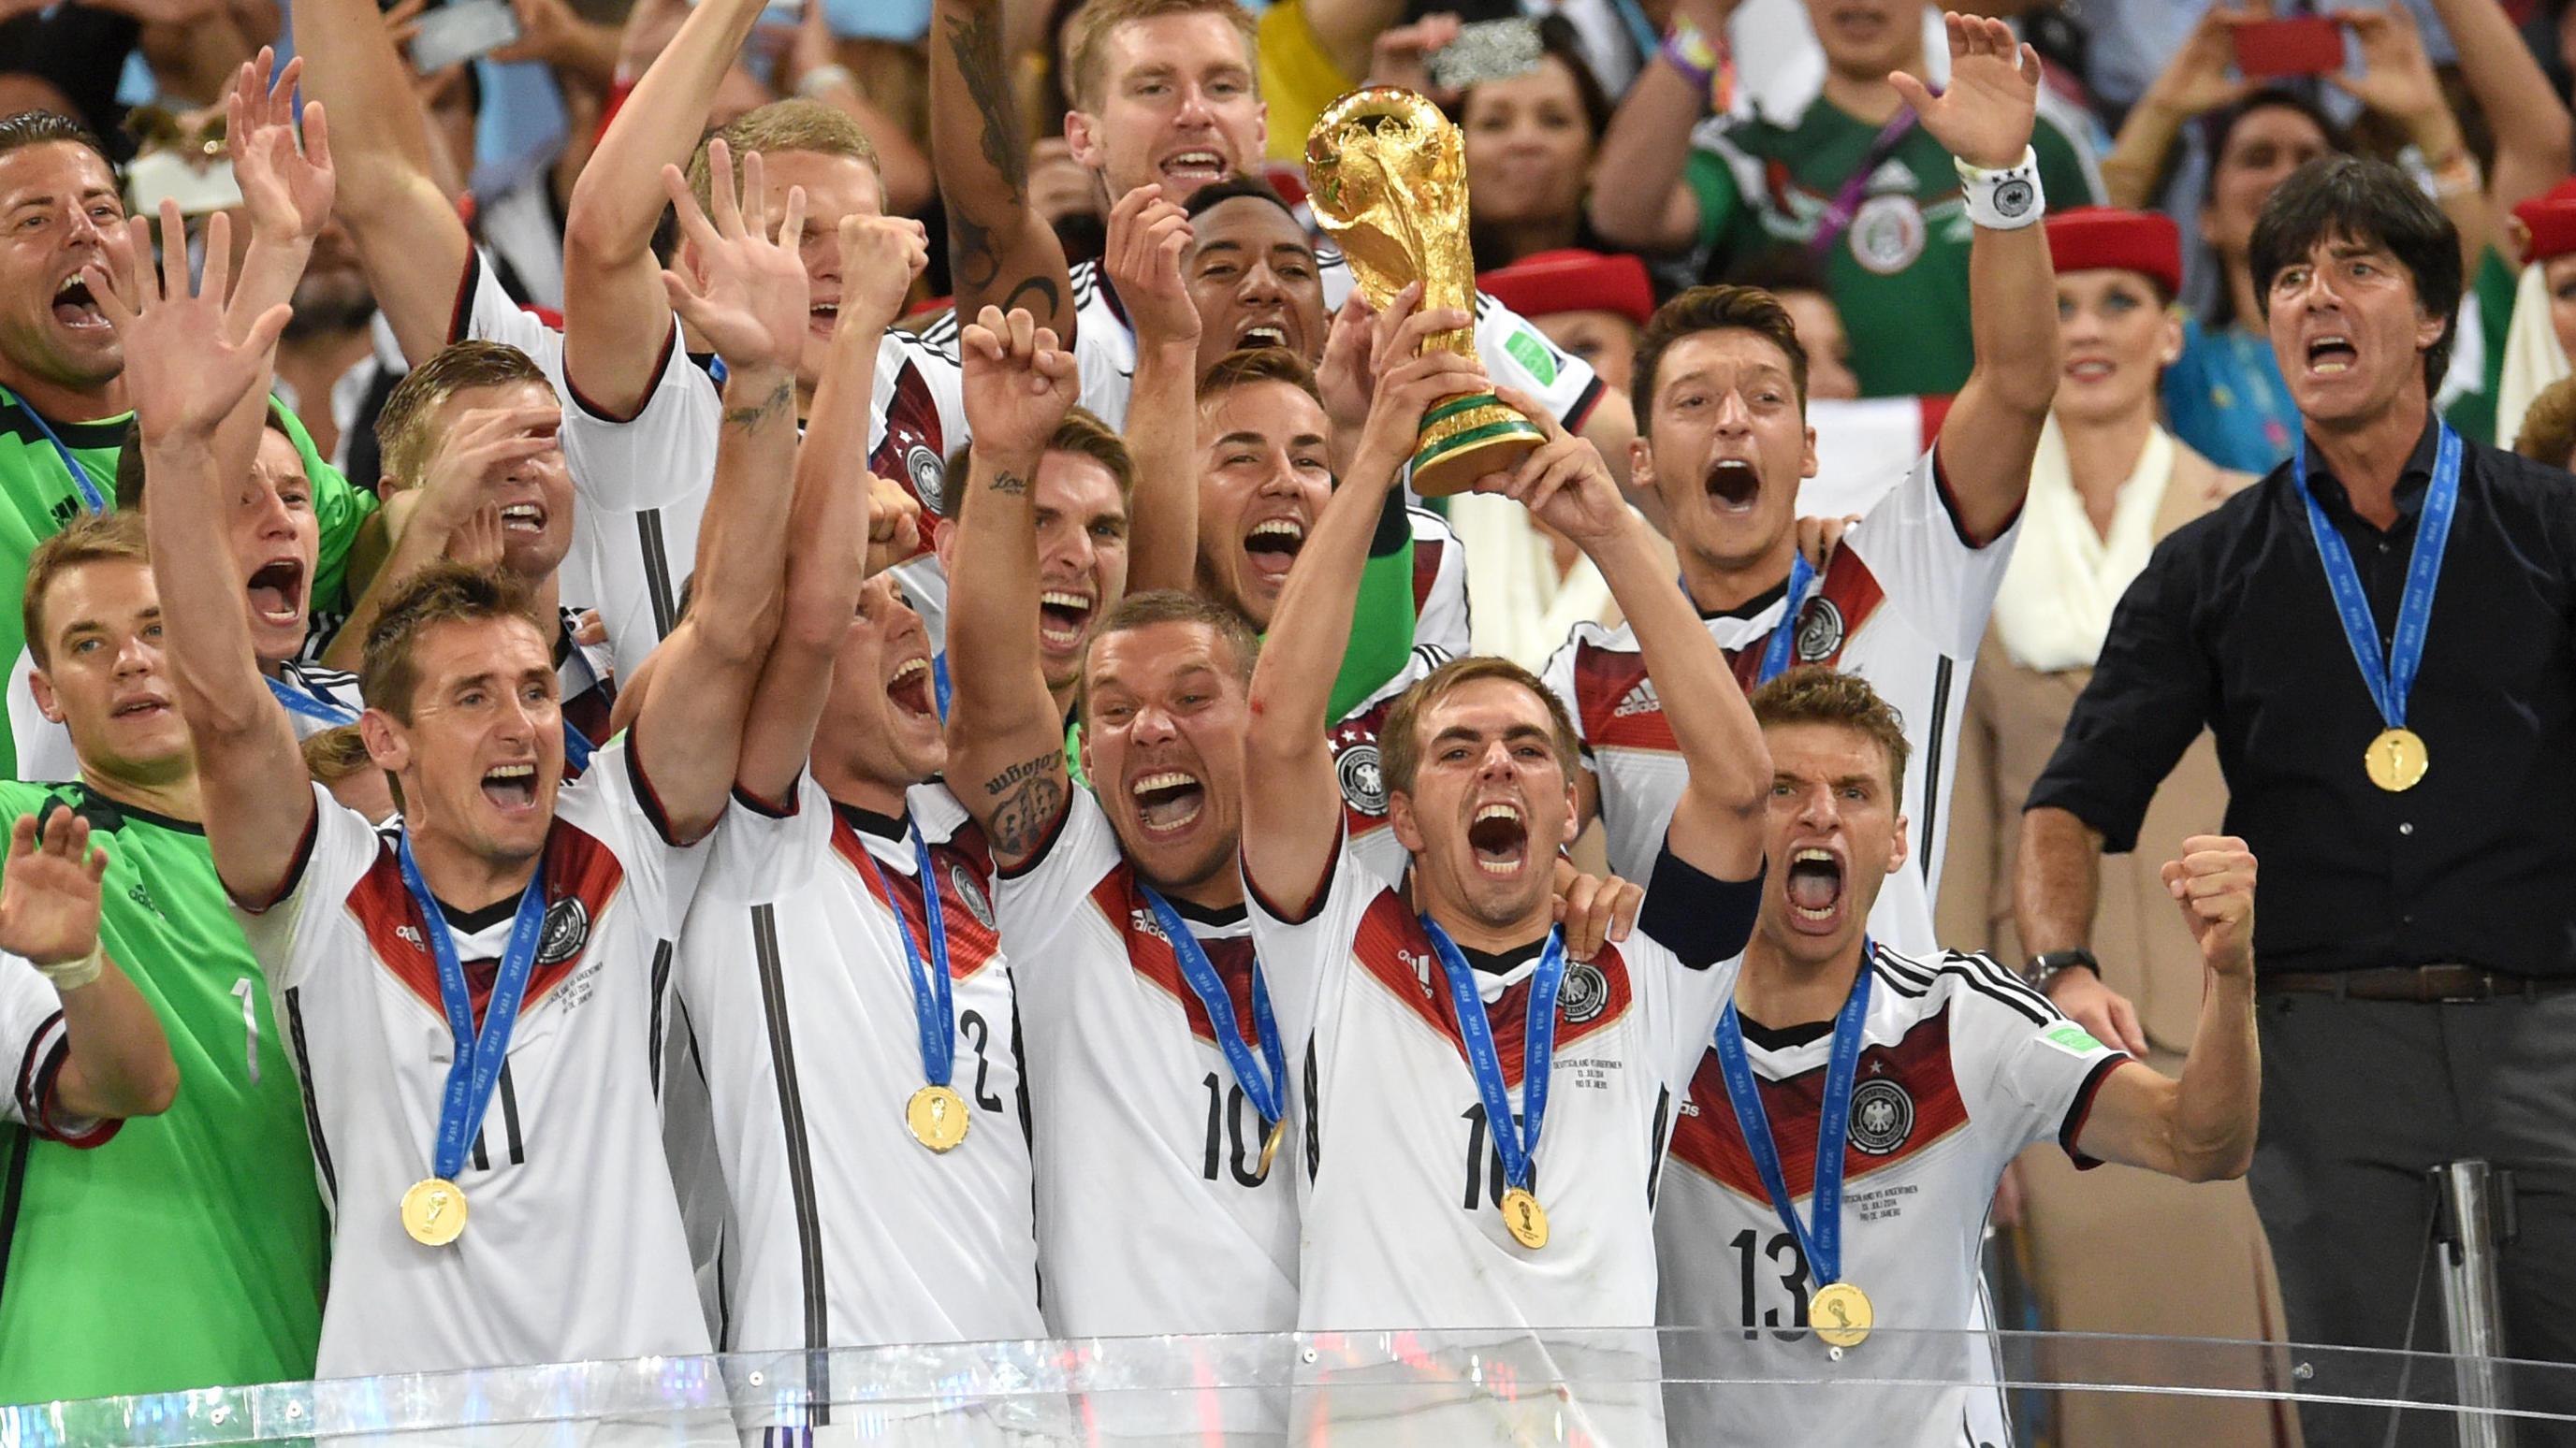 Große Ehre: Philipp Lahm soll DFB-Ehrenspielführer werden